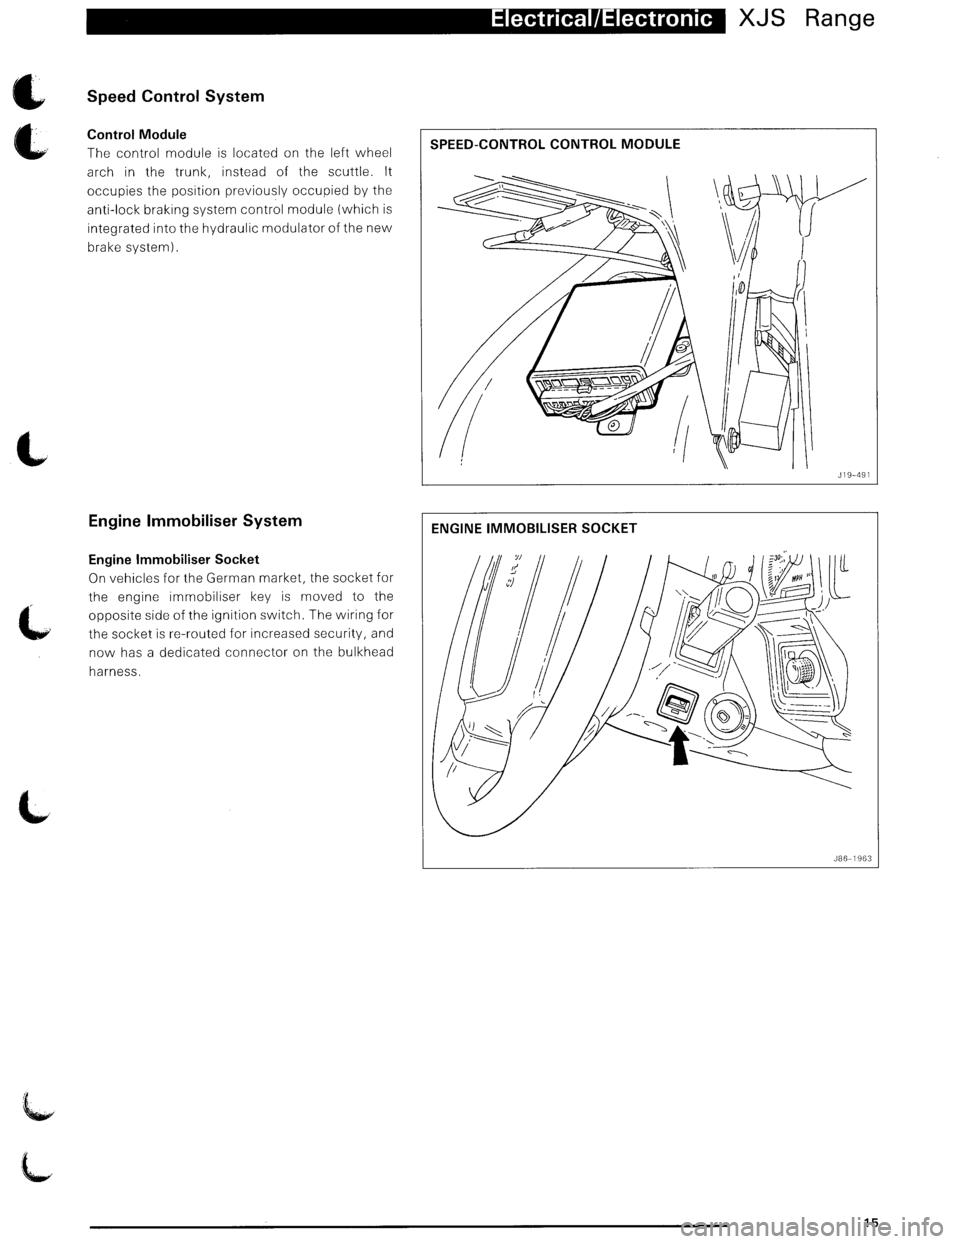 Jaguar Xjs 1995 2g Update Manual Xj6 Wiring Harness